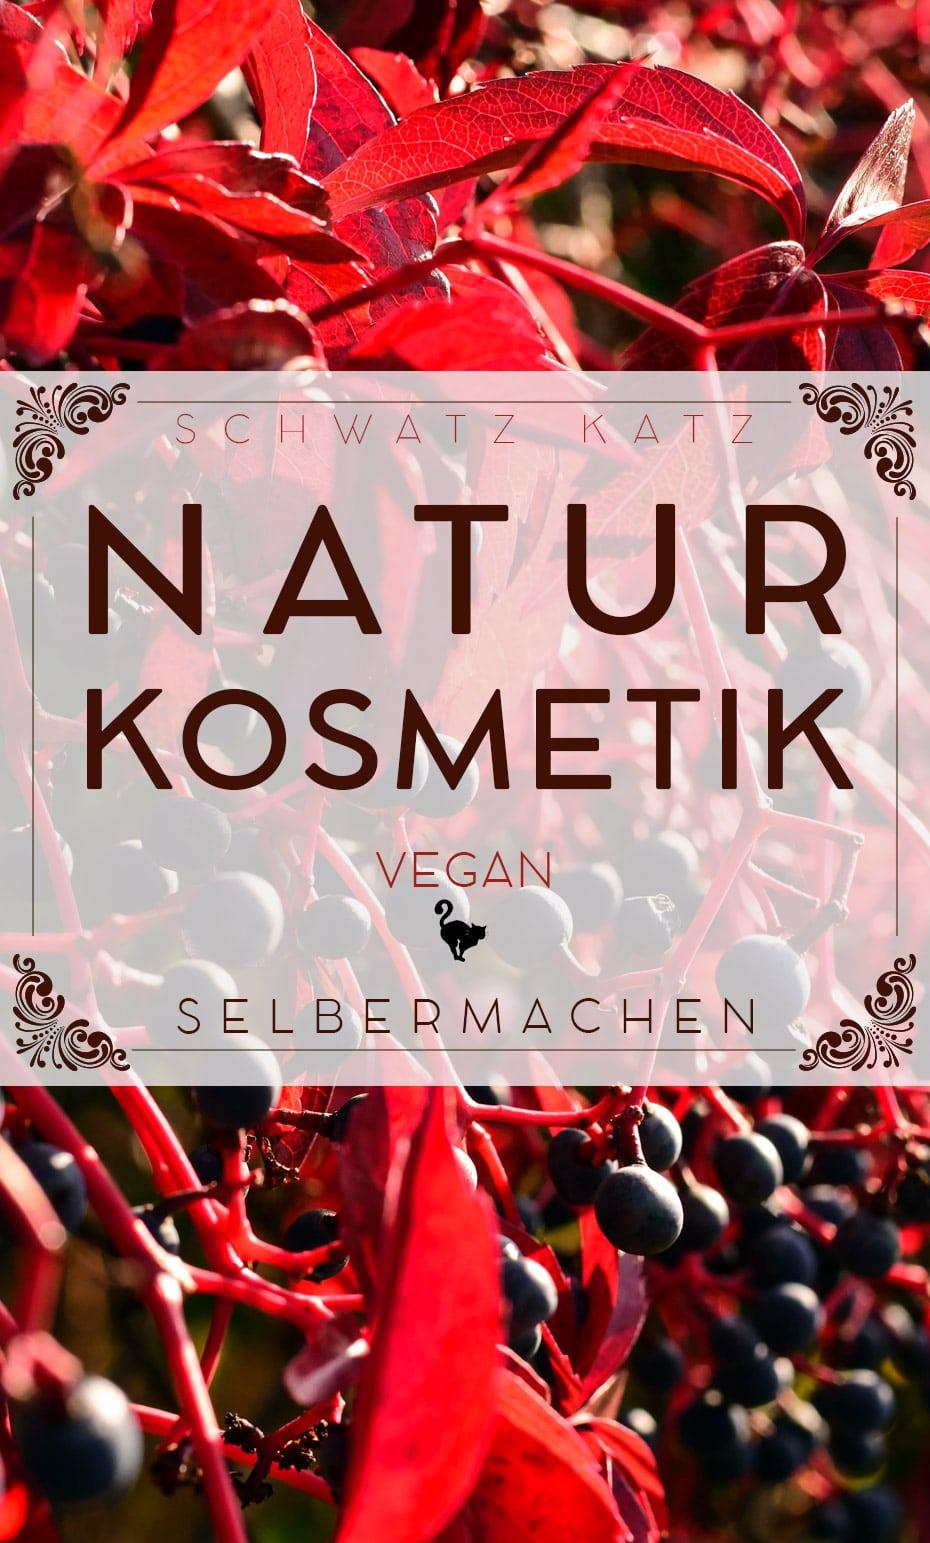 Naturkosmetik selbermachen | Schwatz Katz